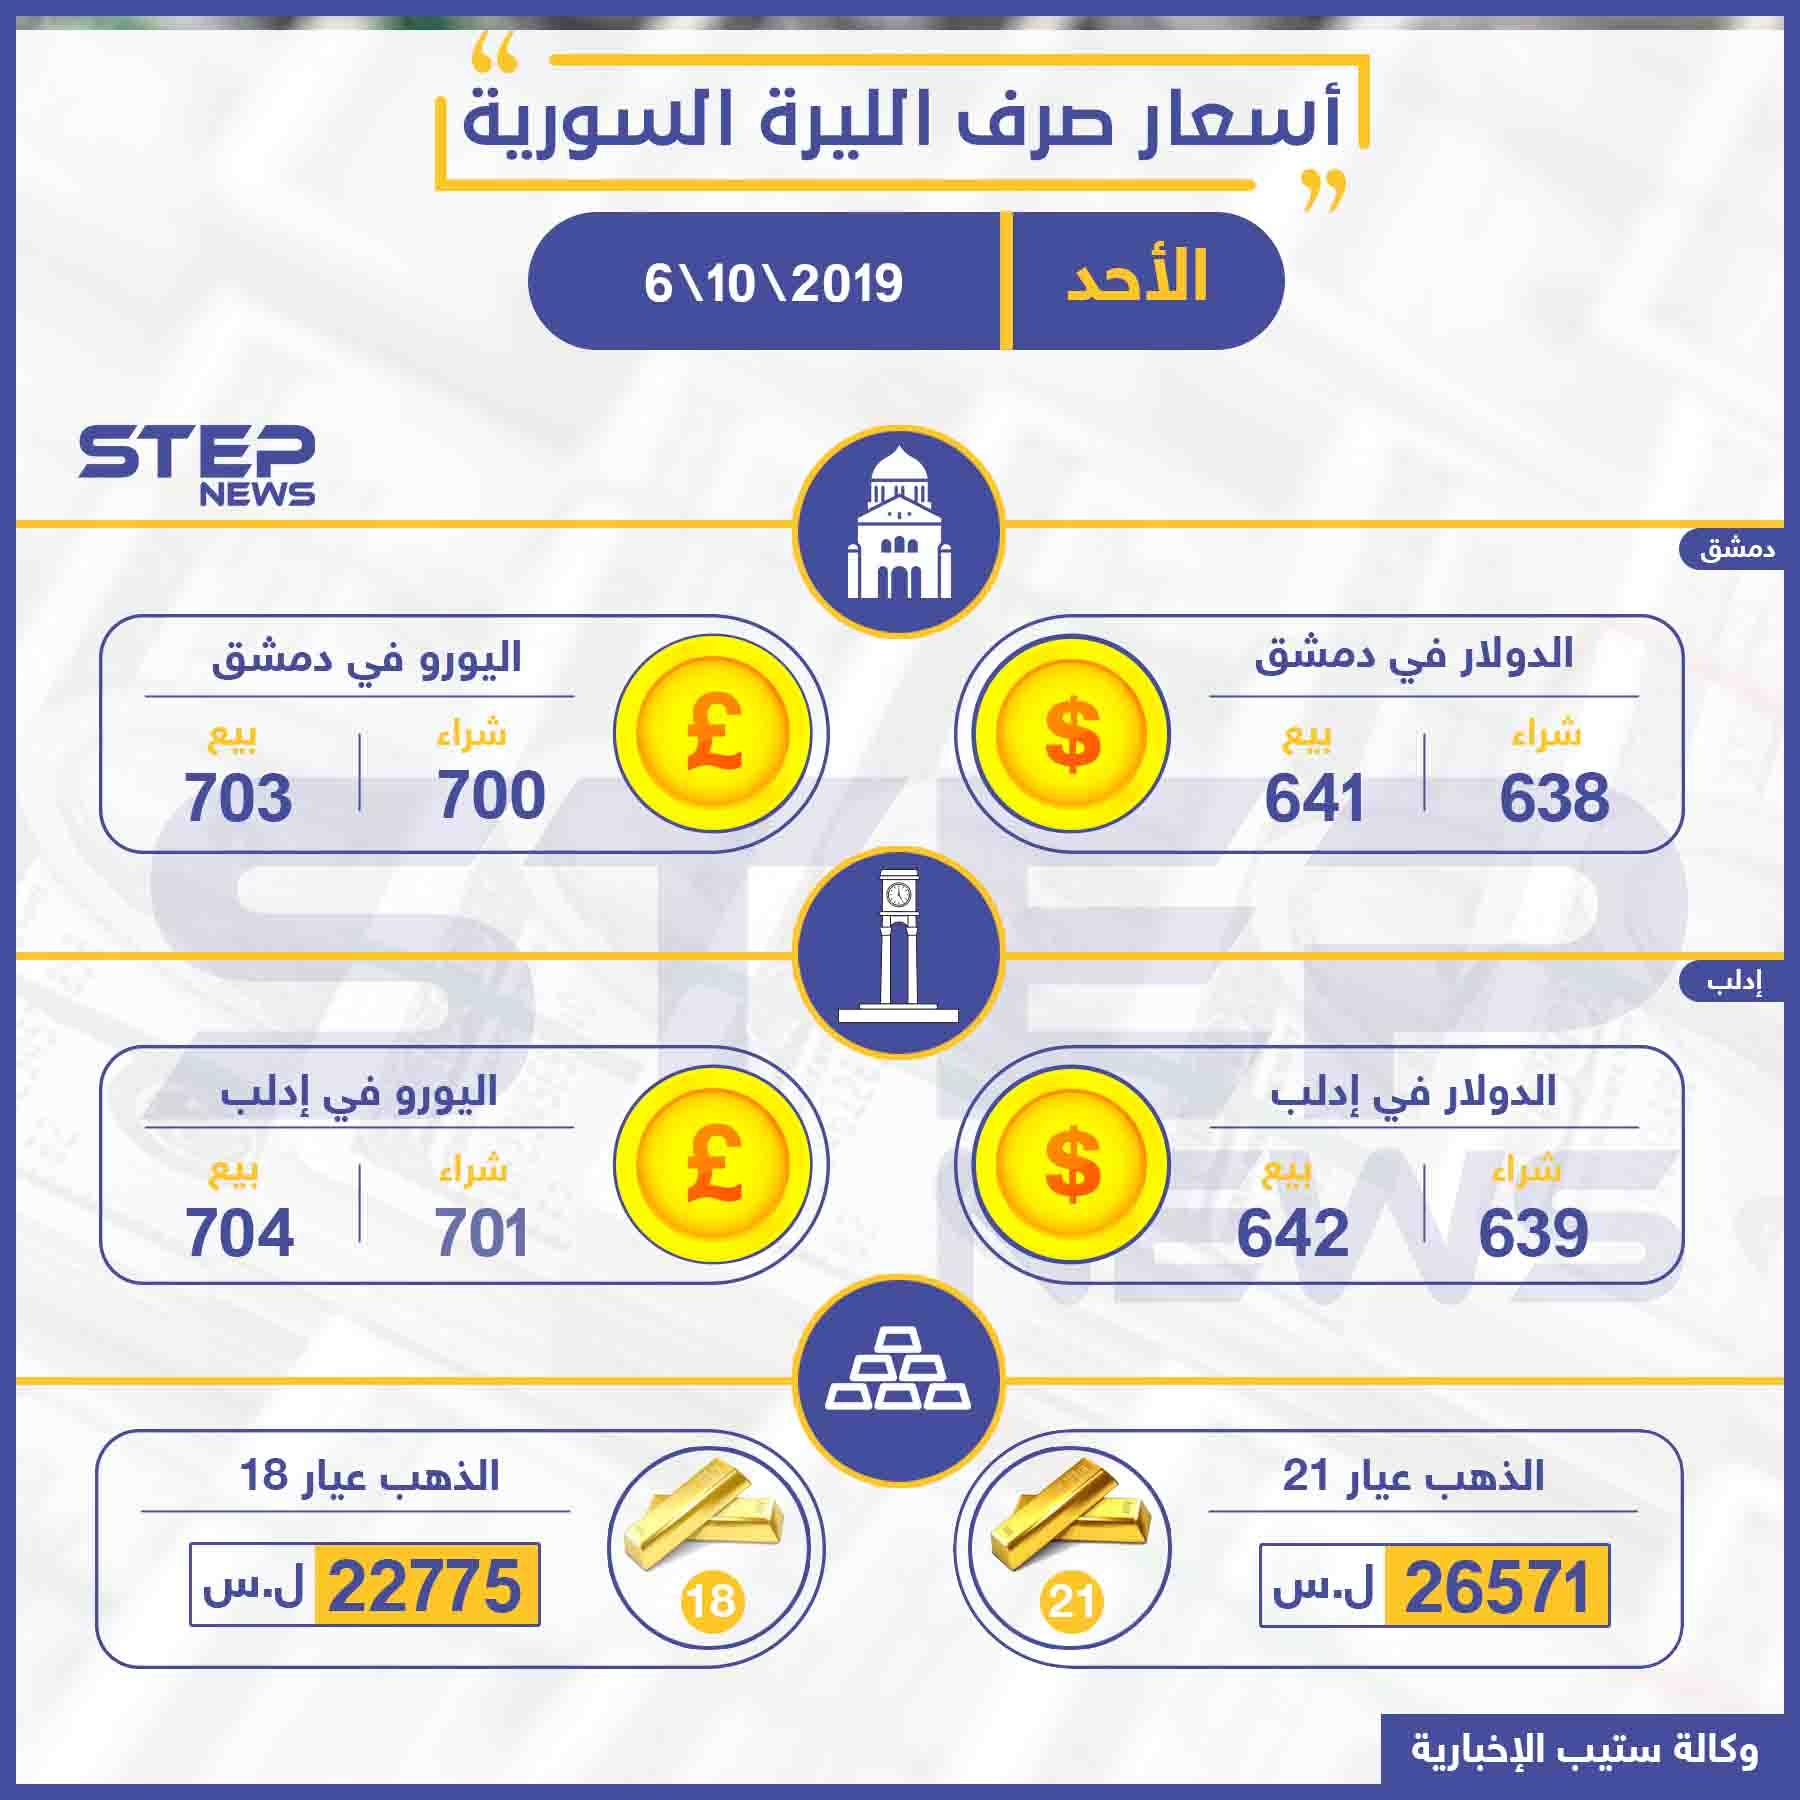 أسعار الذهب والعملات في سوريا اليوم 6-10-2019